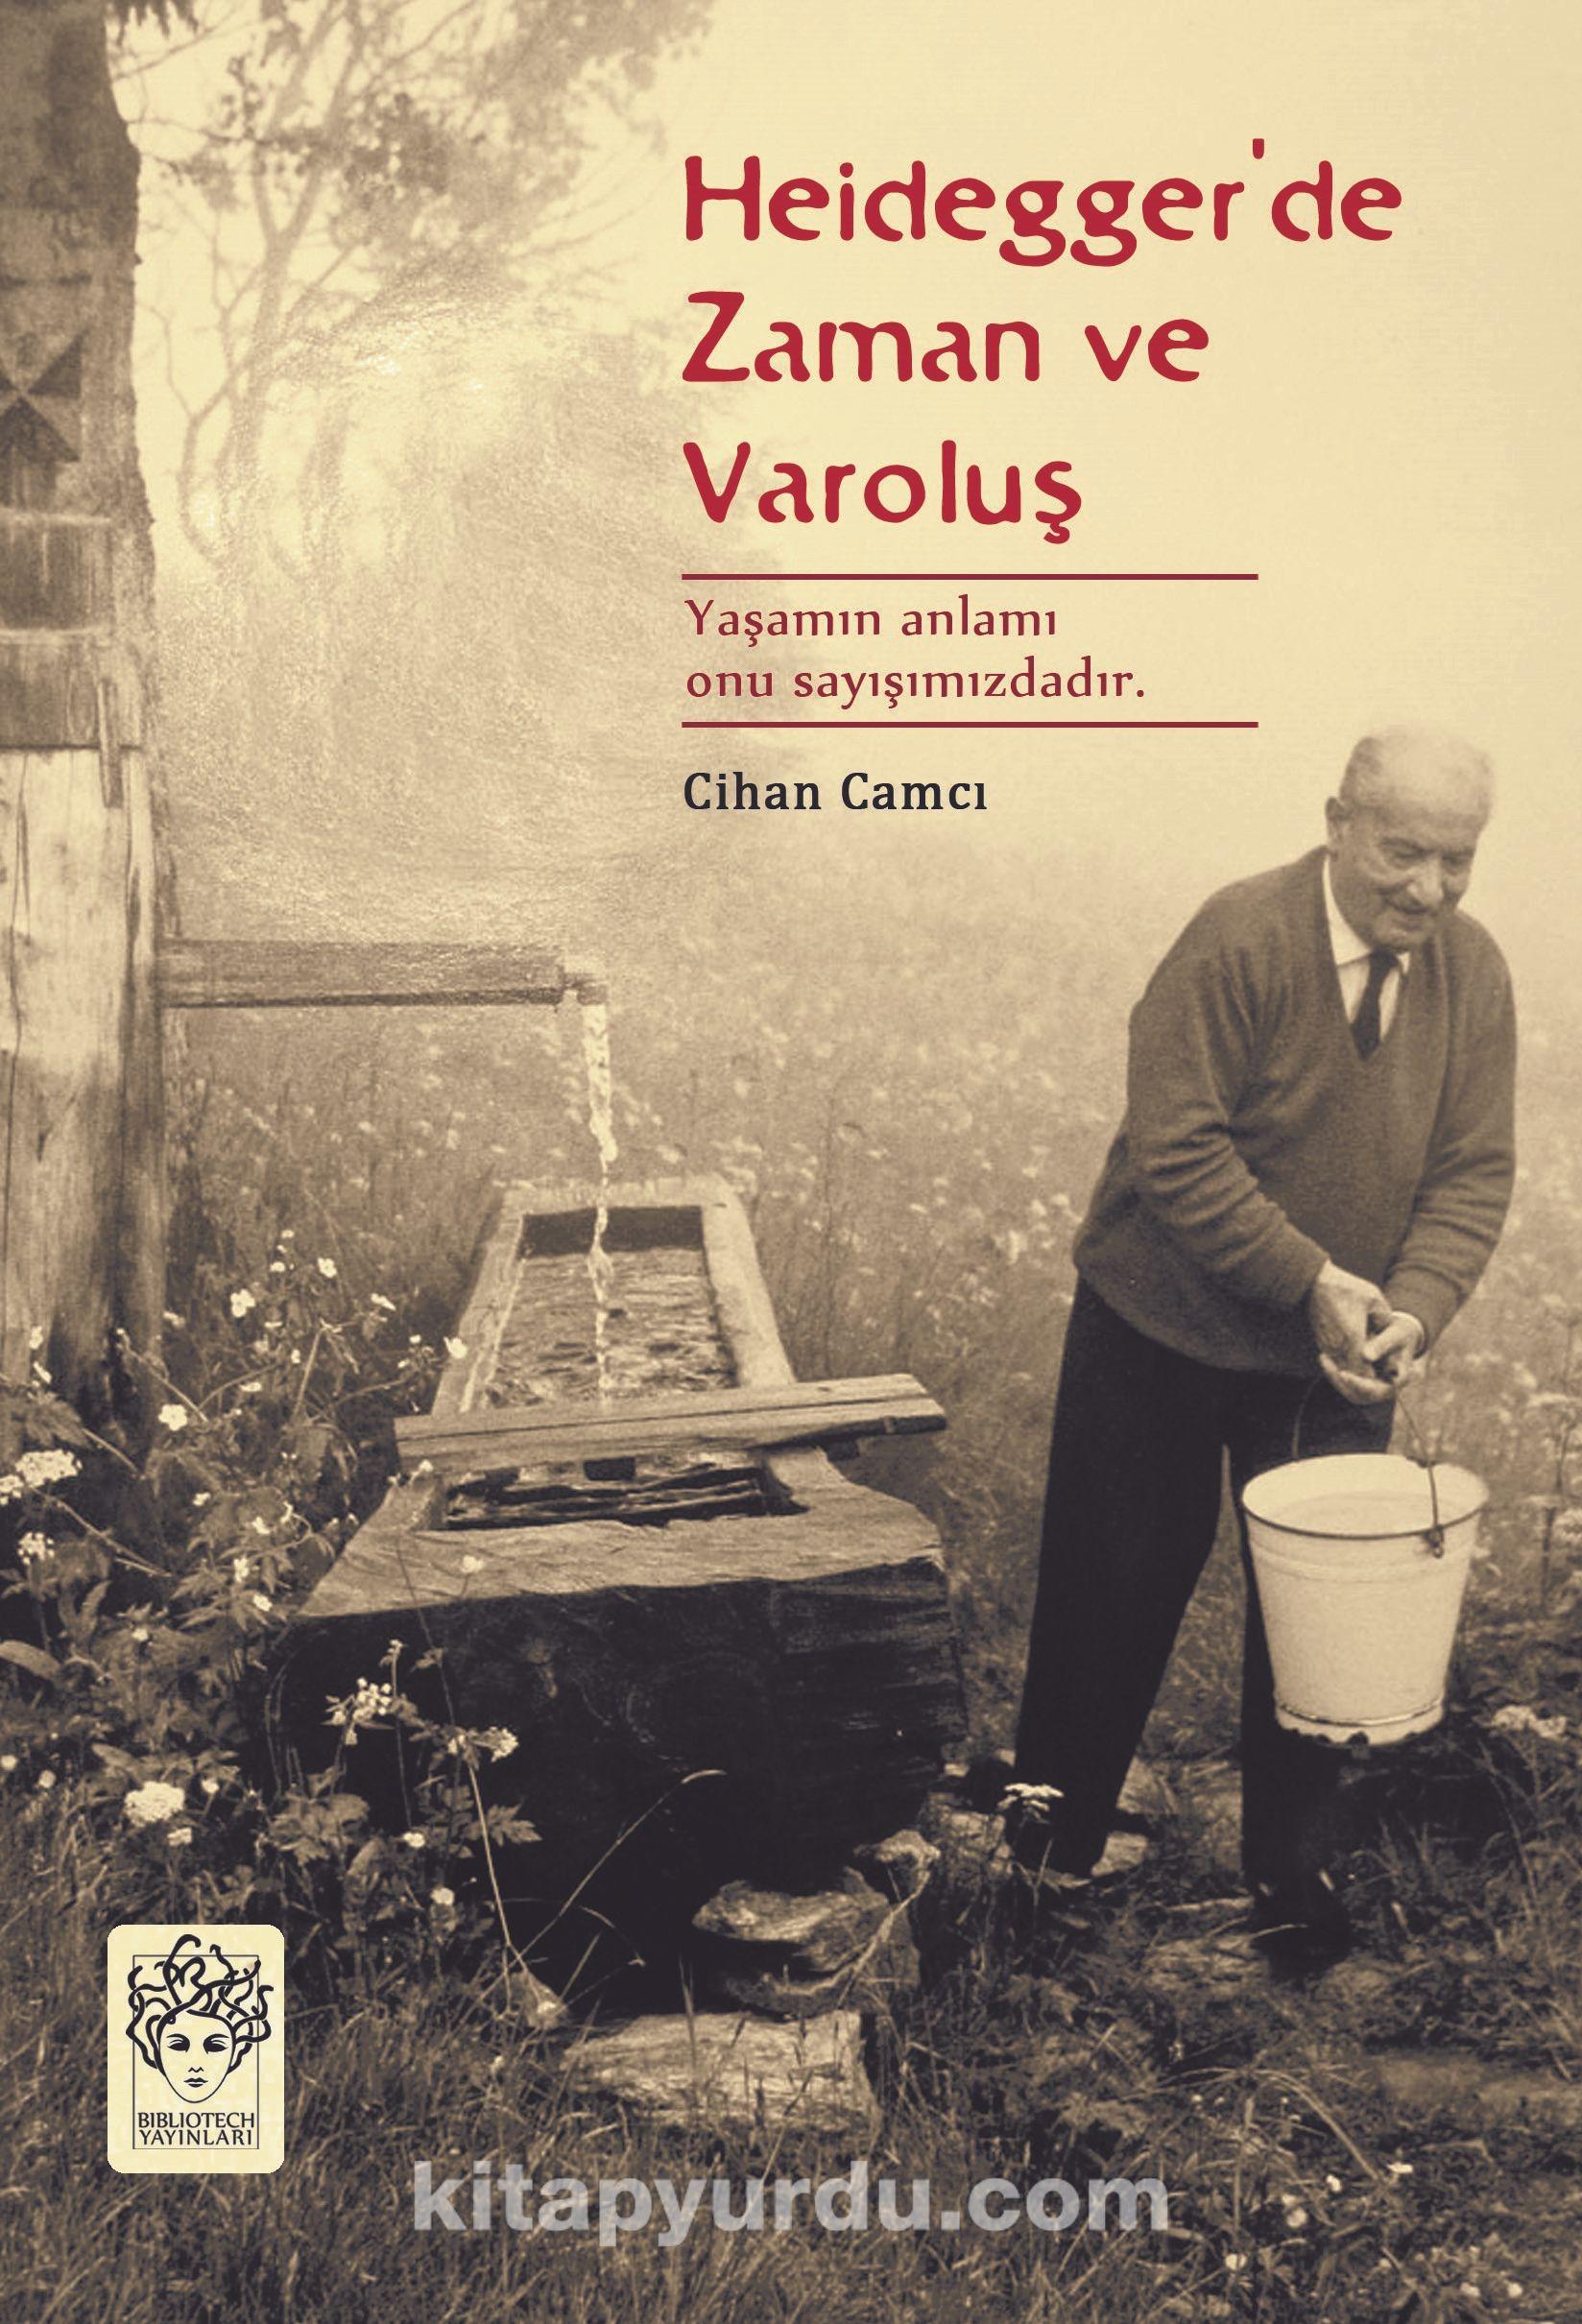 Heidegger'de Zaman ve Varoluş - Cihan Camcı pdf epub